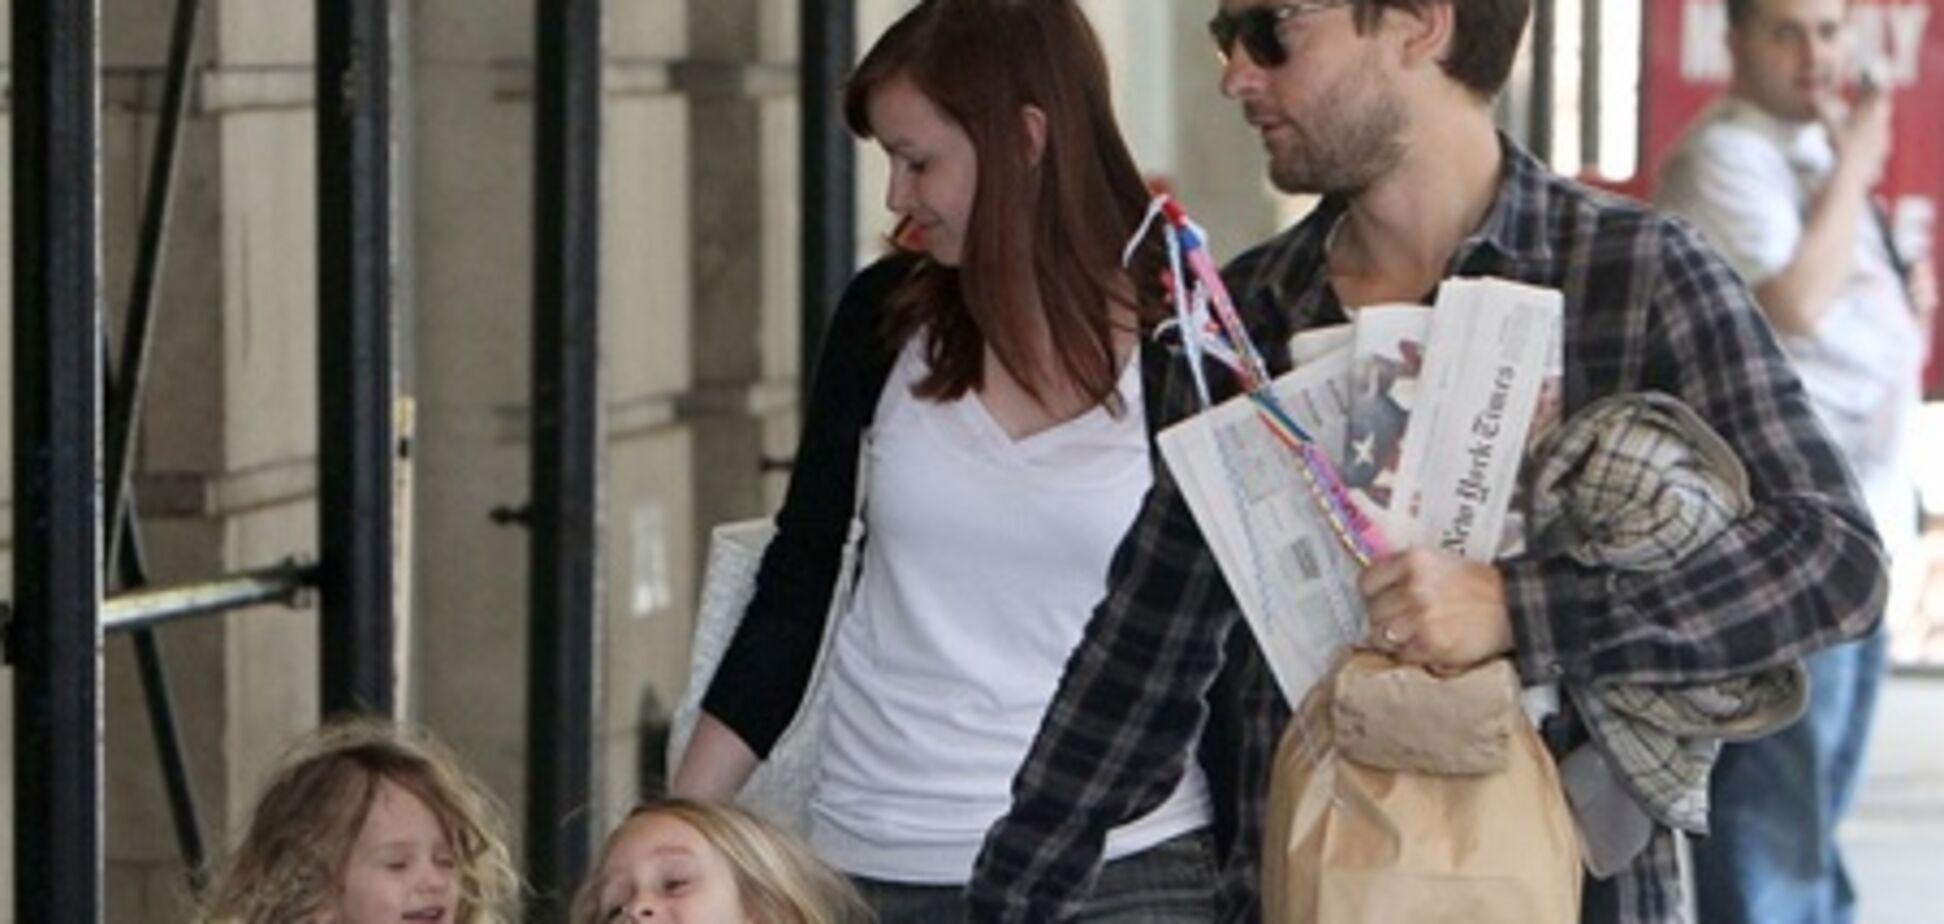 Тоби Магуайр гуляет с семьей в Нью-Йорке. Фото